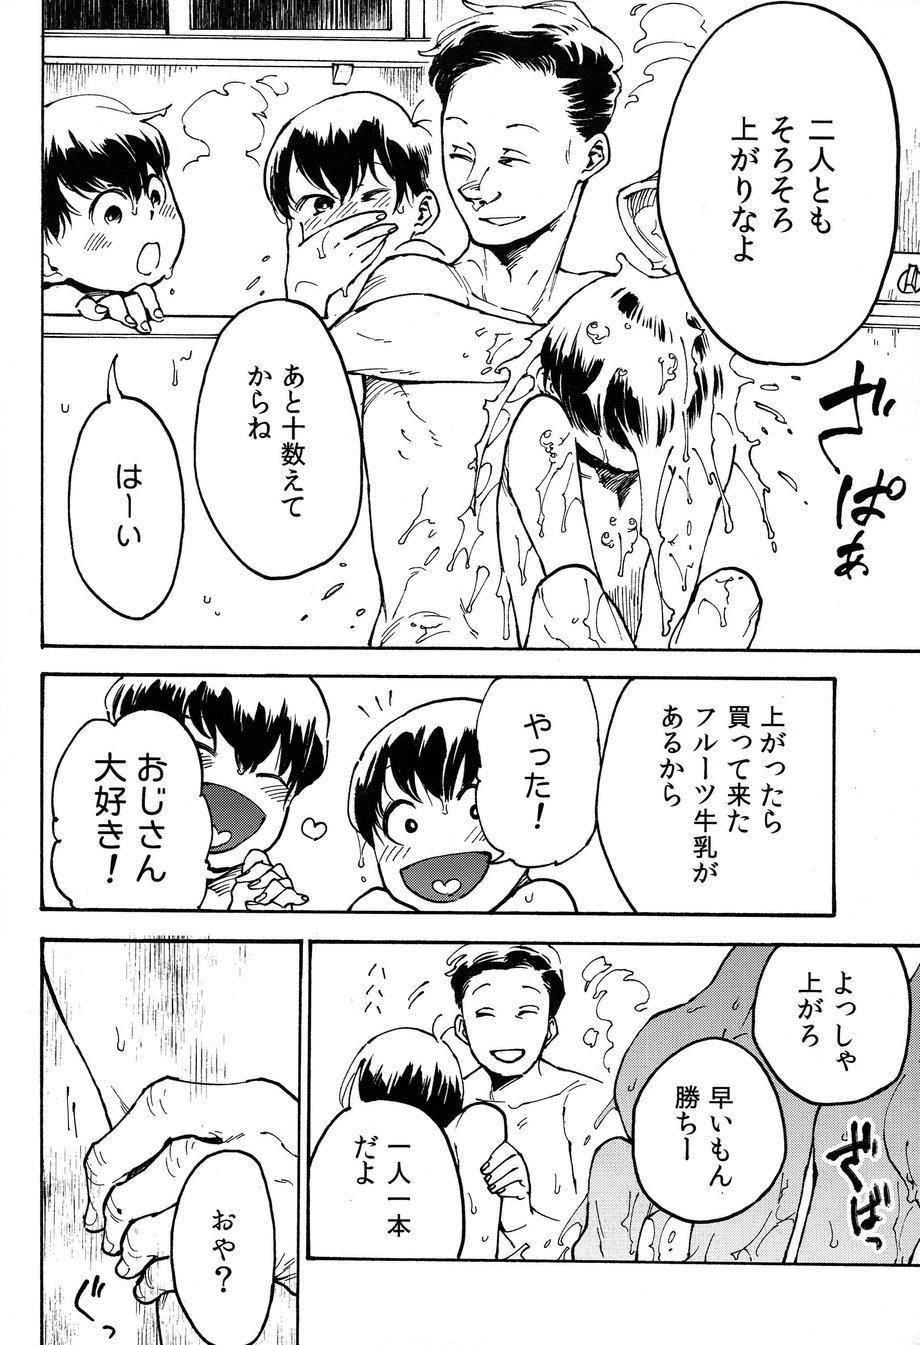 Hakkaku mae / Hakkaku Go 20